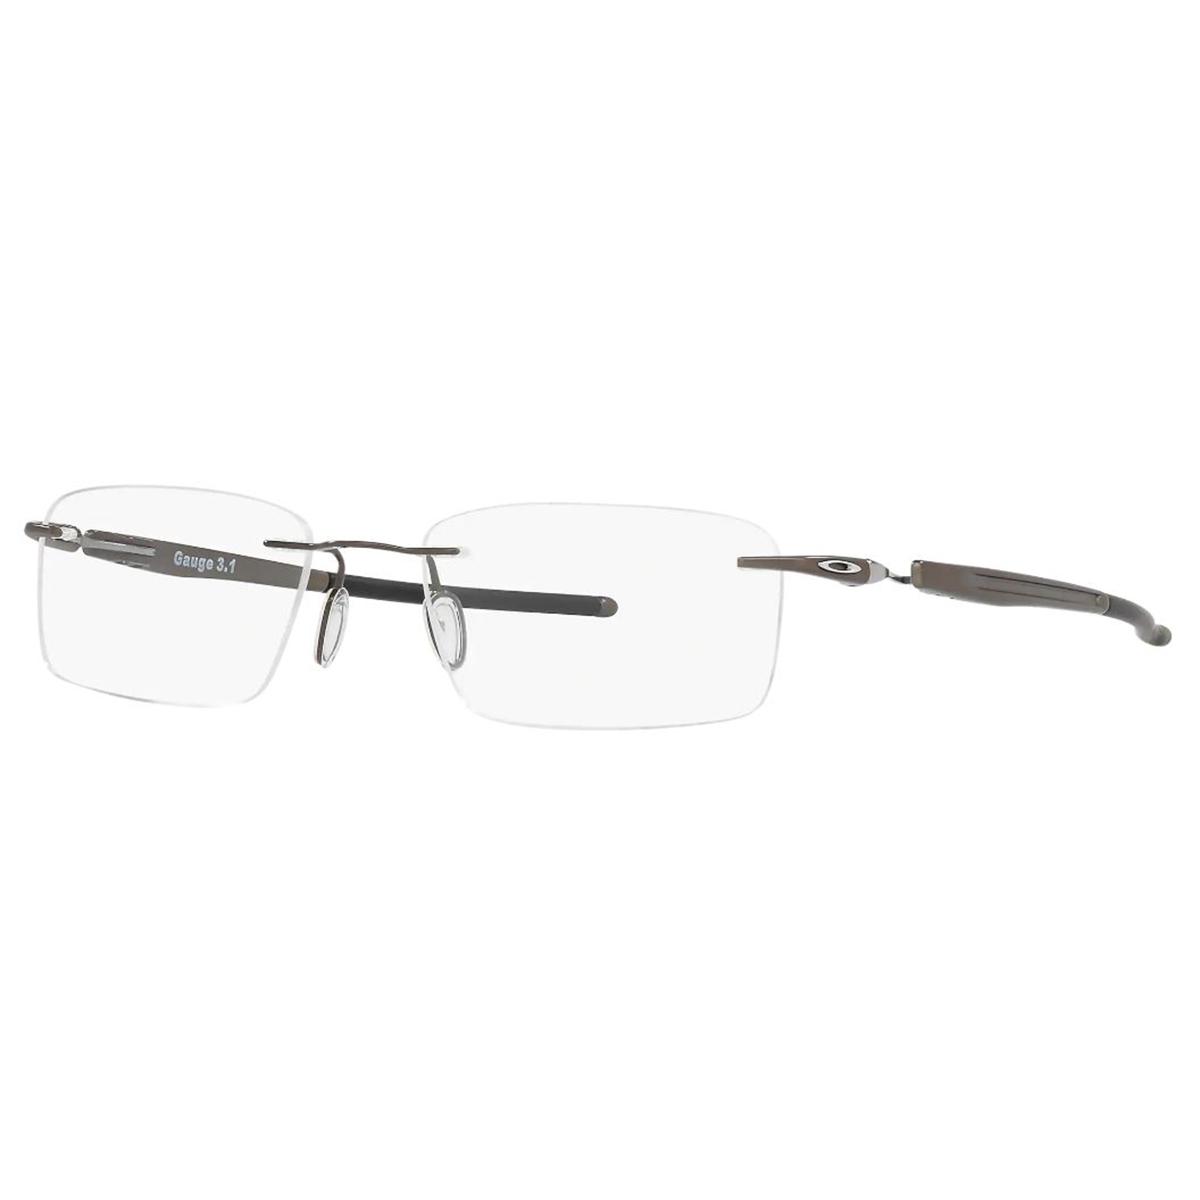 Óculos de Grau Oakley Titanium Gauge 3.1 OX5126 Parafusado Prata